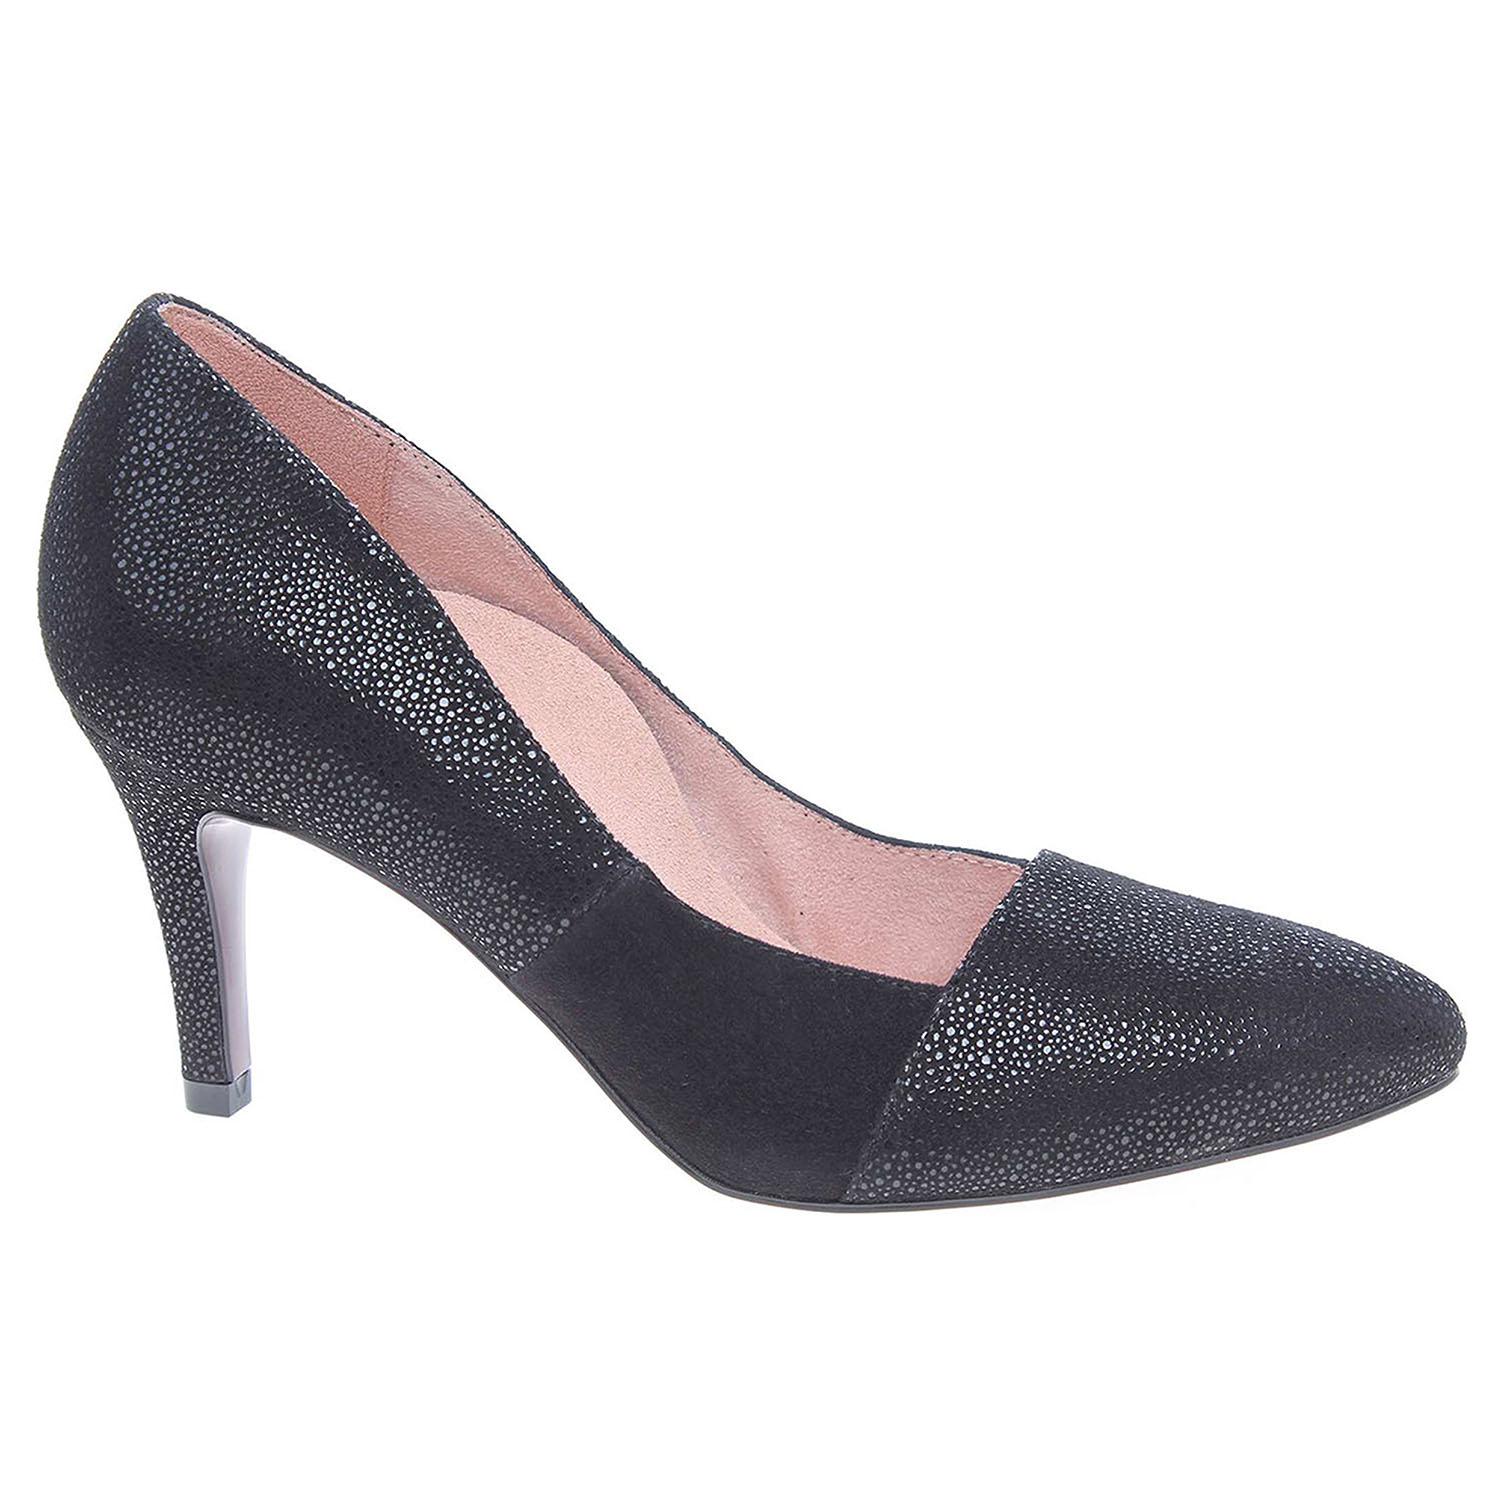 09d96e3fee308 Dámske lodičky Tamaris 1-22405-29 černé   REJNOK obuv